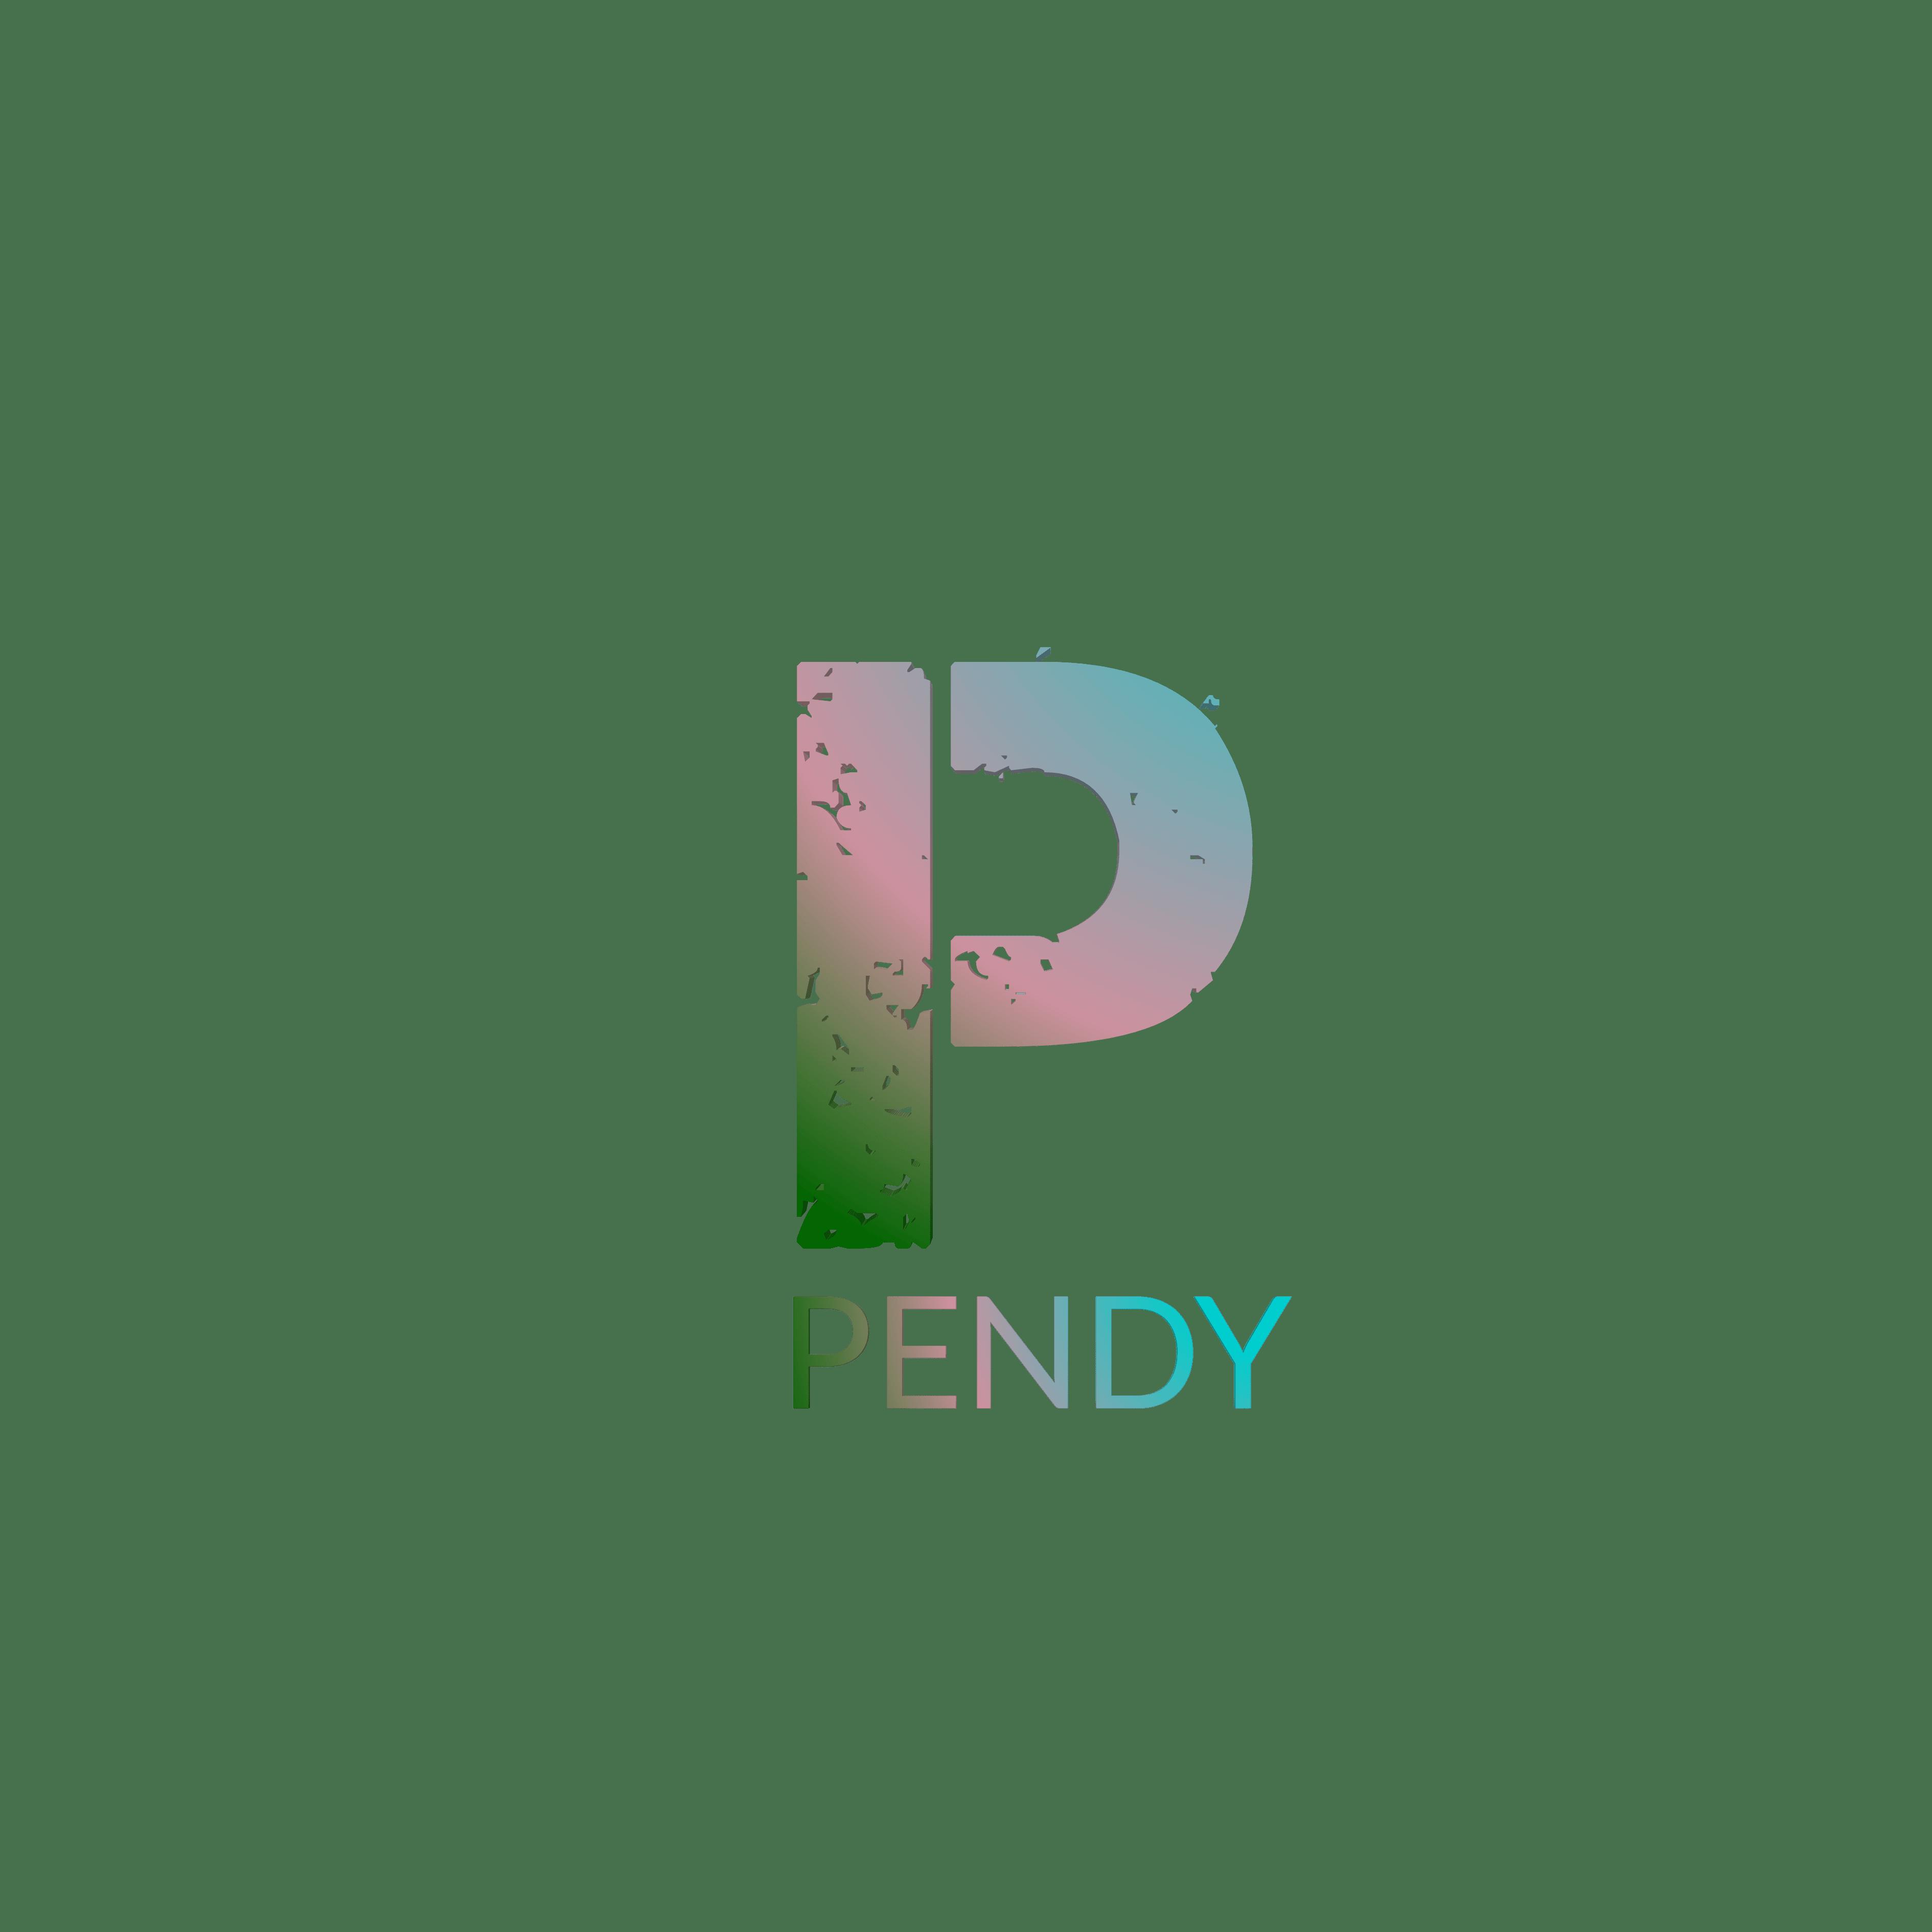 PENDY